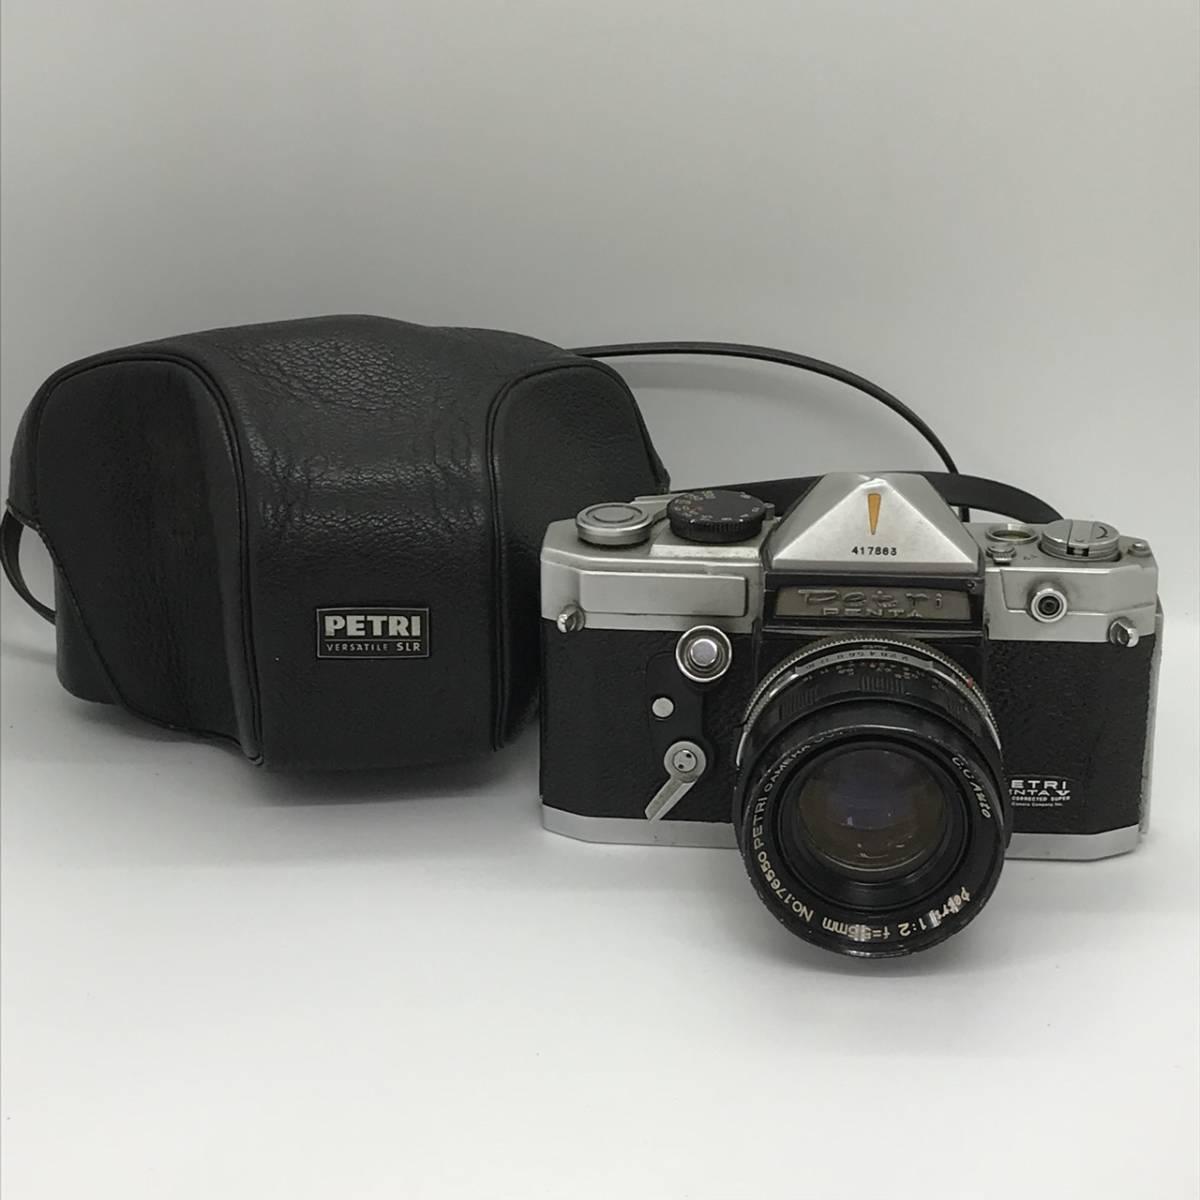 PETRI ペトリ フィルム カメラ Petri 1:2 f=55mm